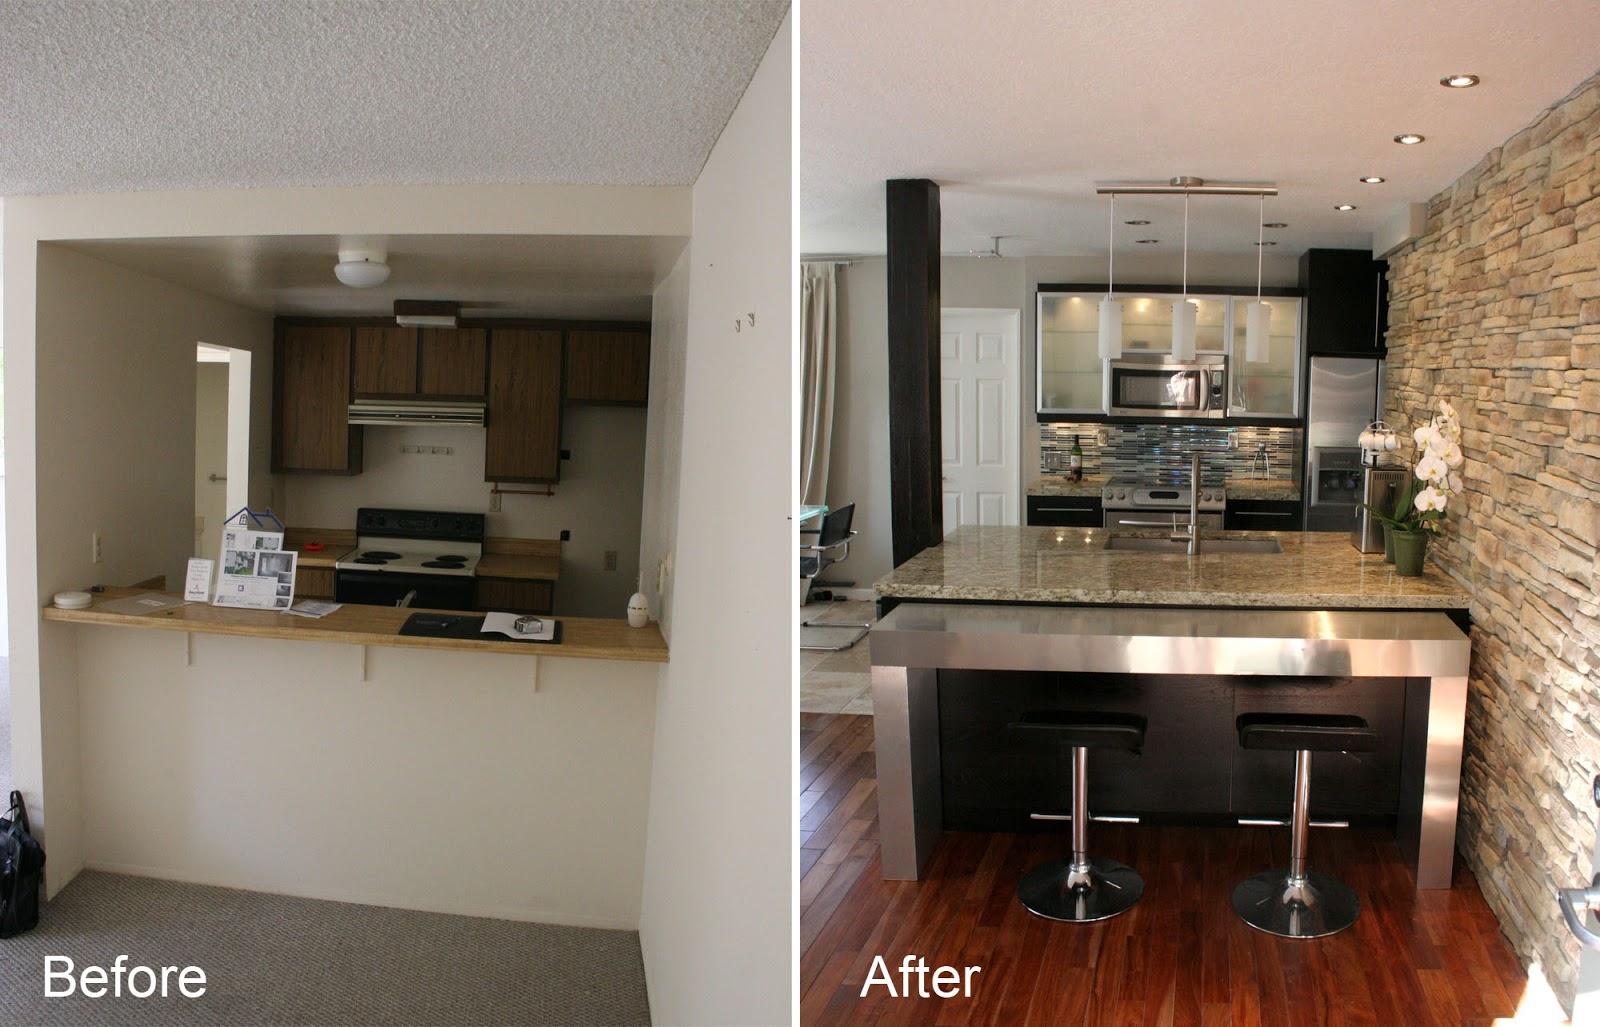 Interiores y 3d reformas de cocina antes y despu s for Cocinas antes y despues